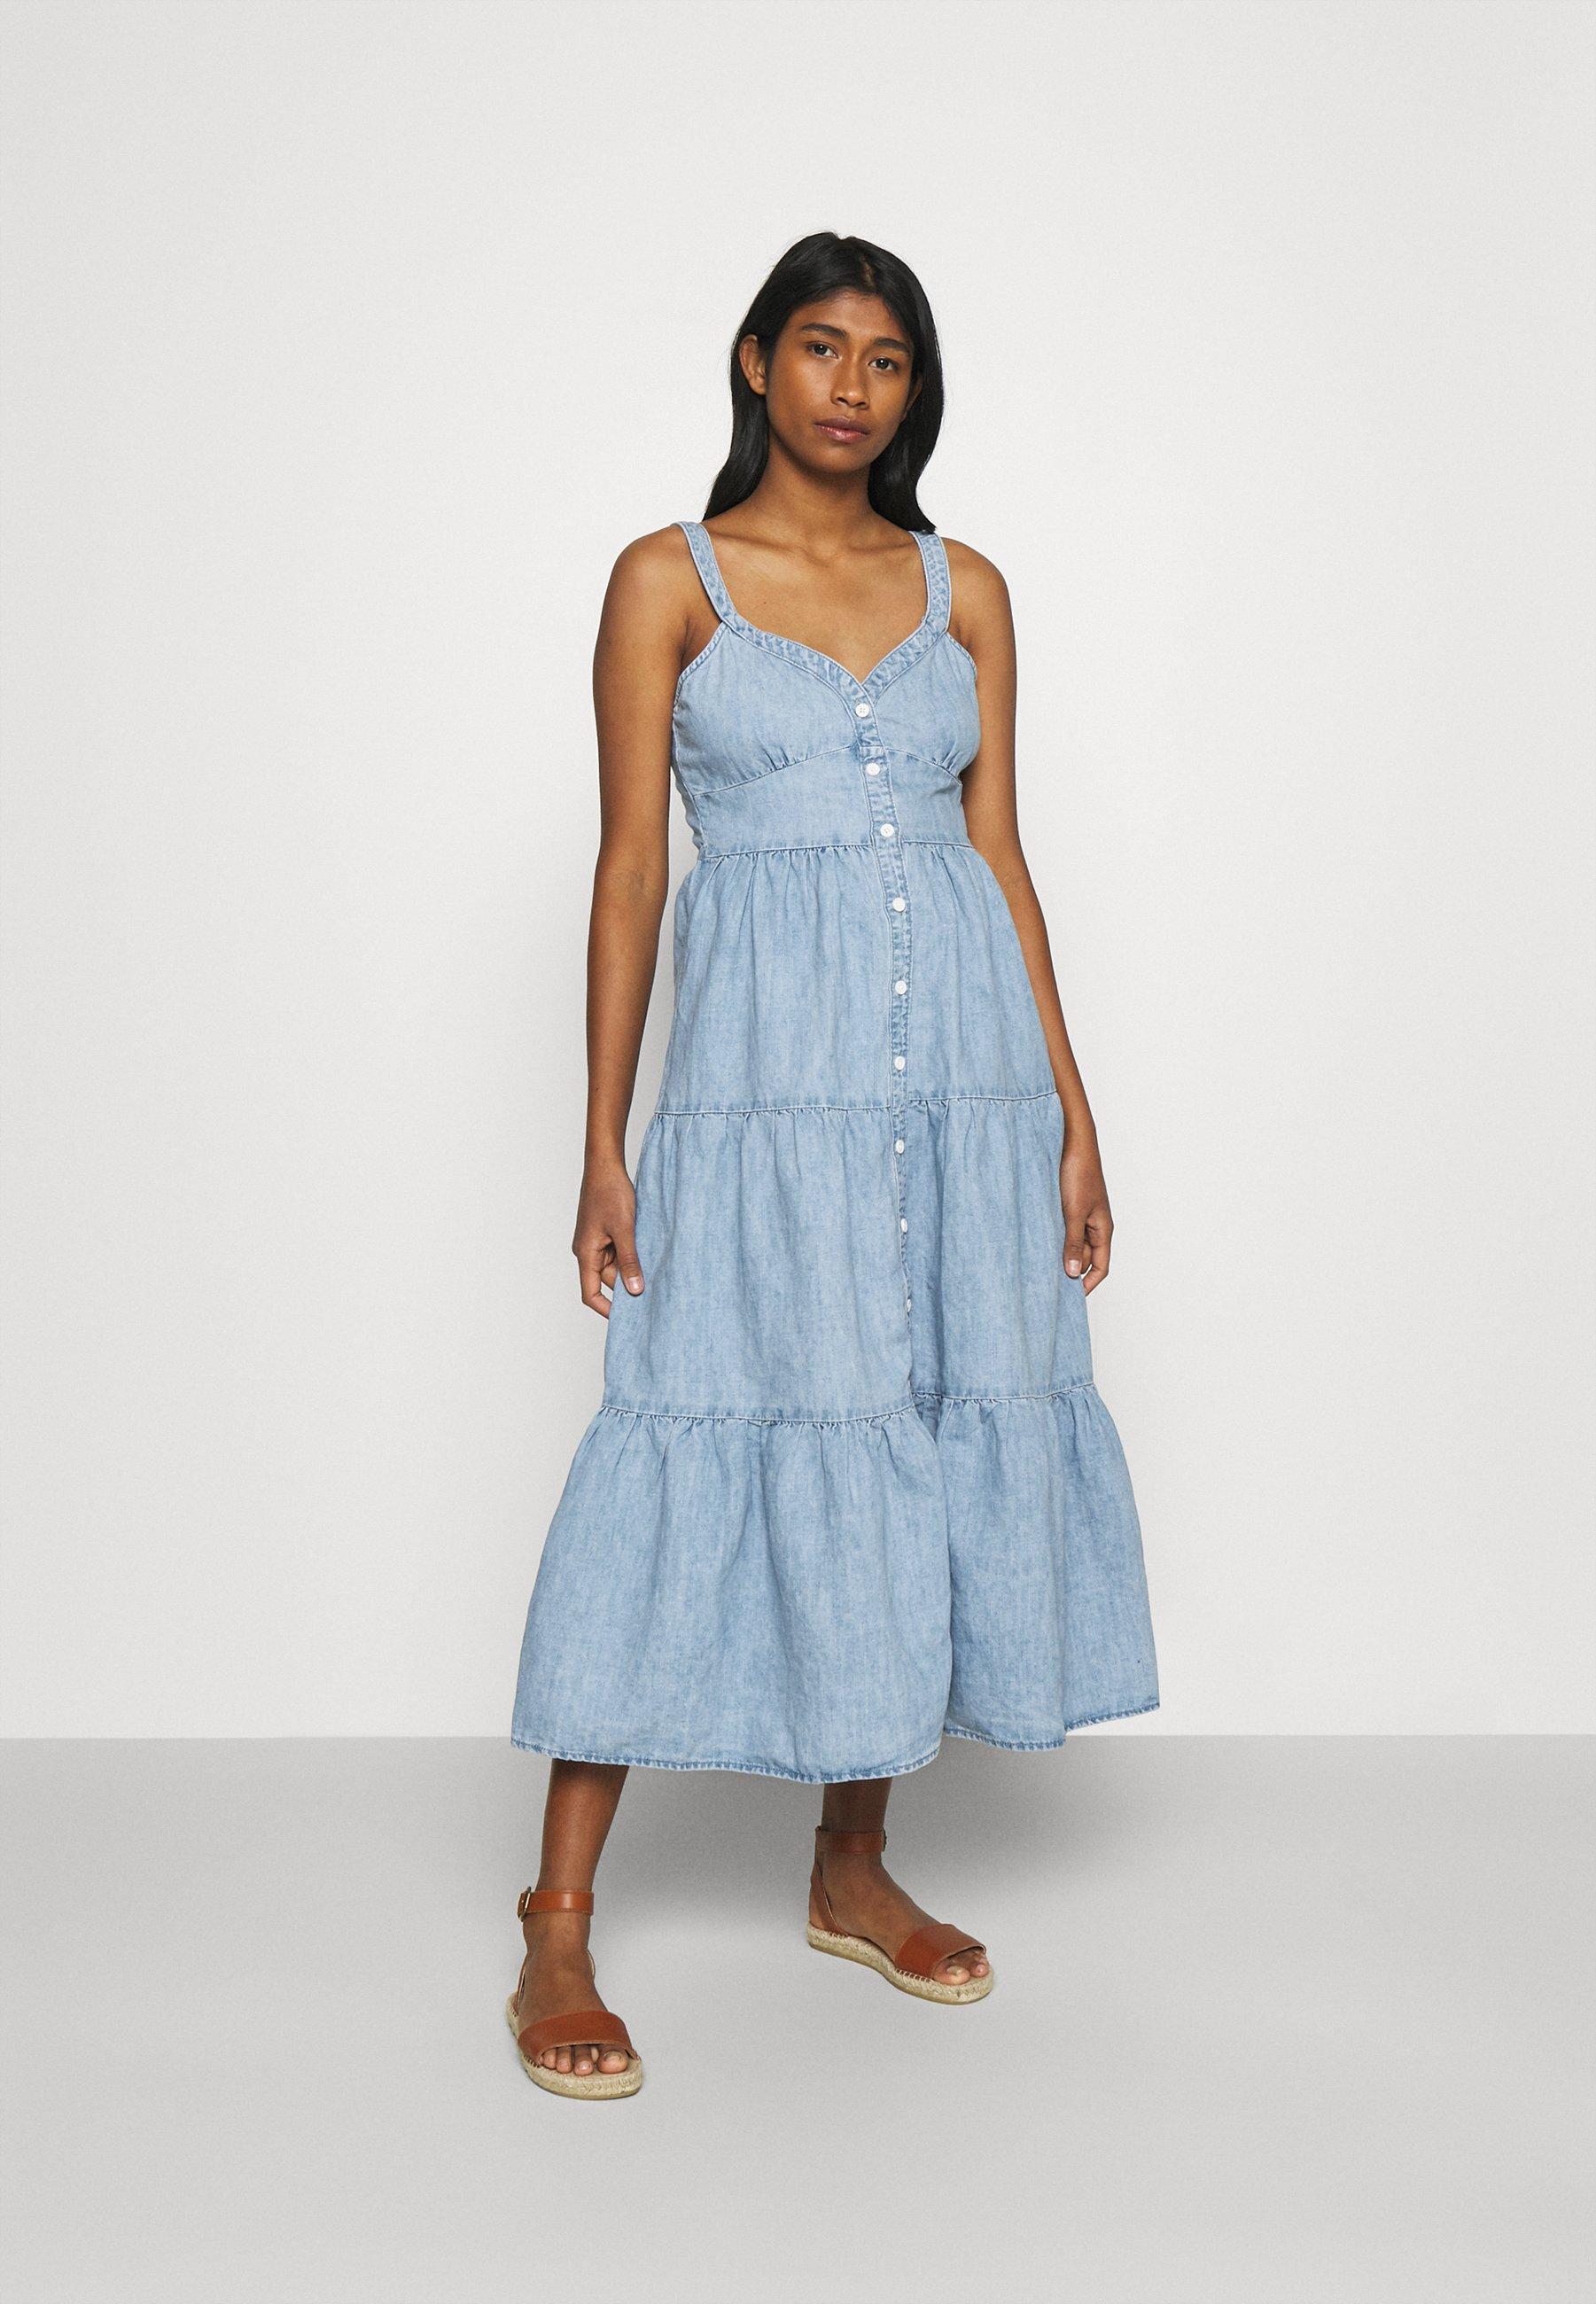 Women SABINE DRESS - Denim dress